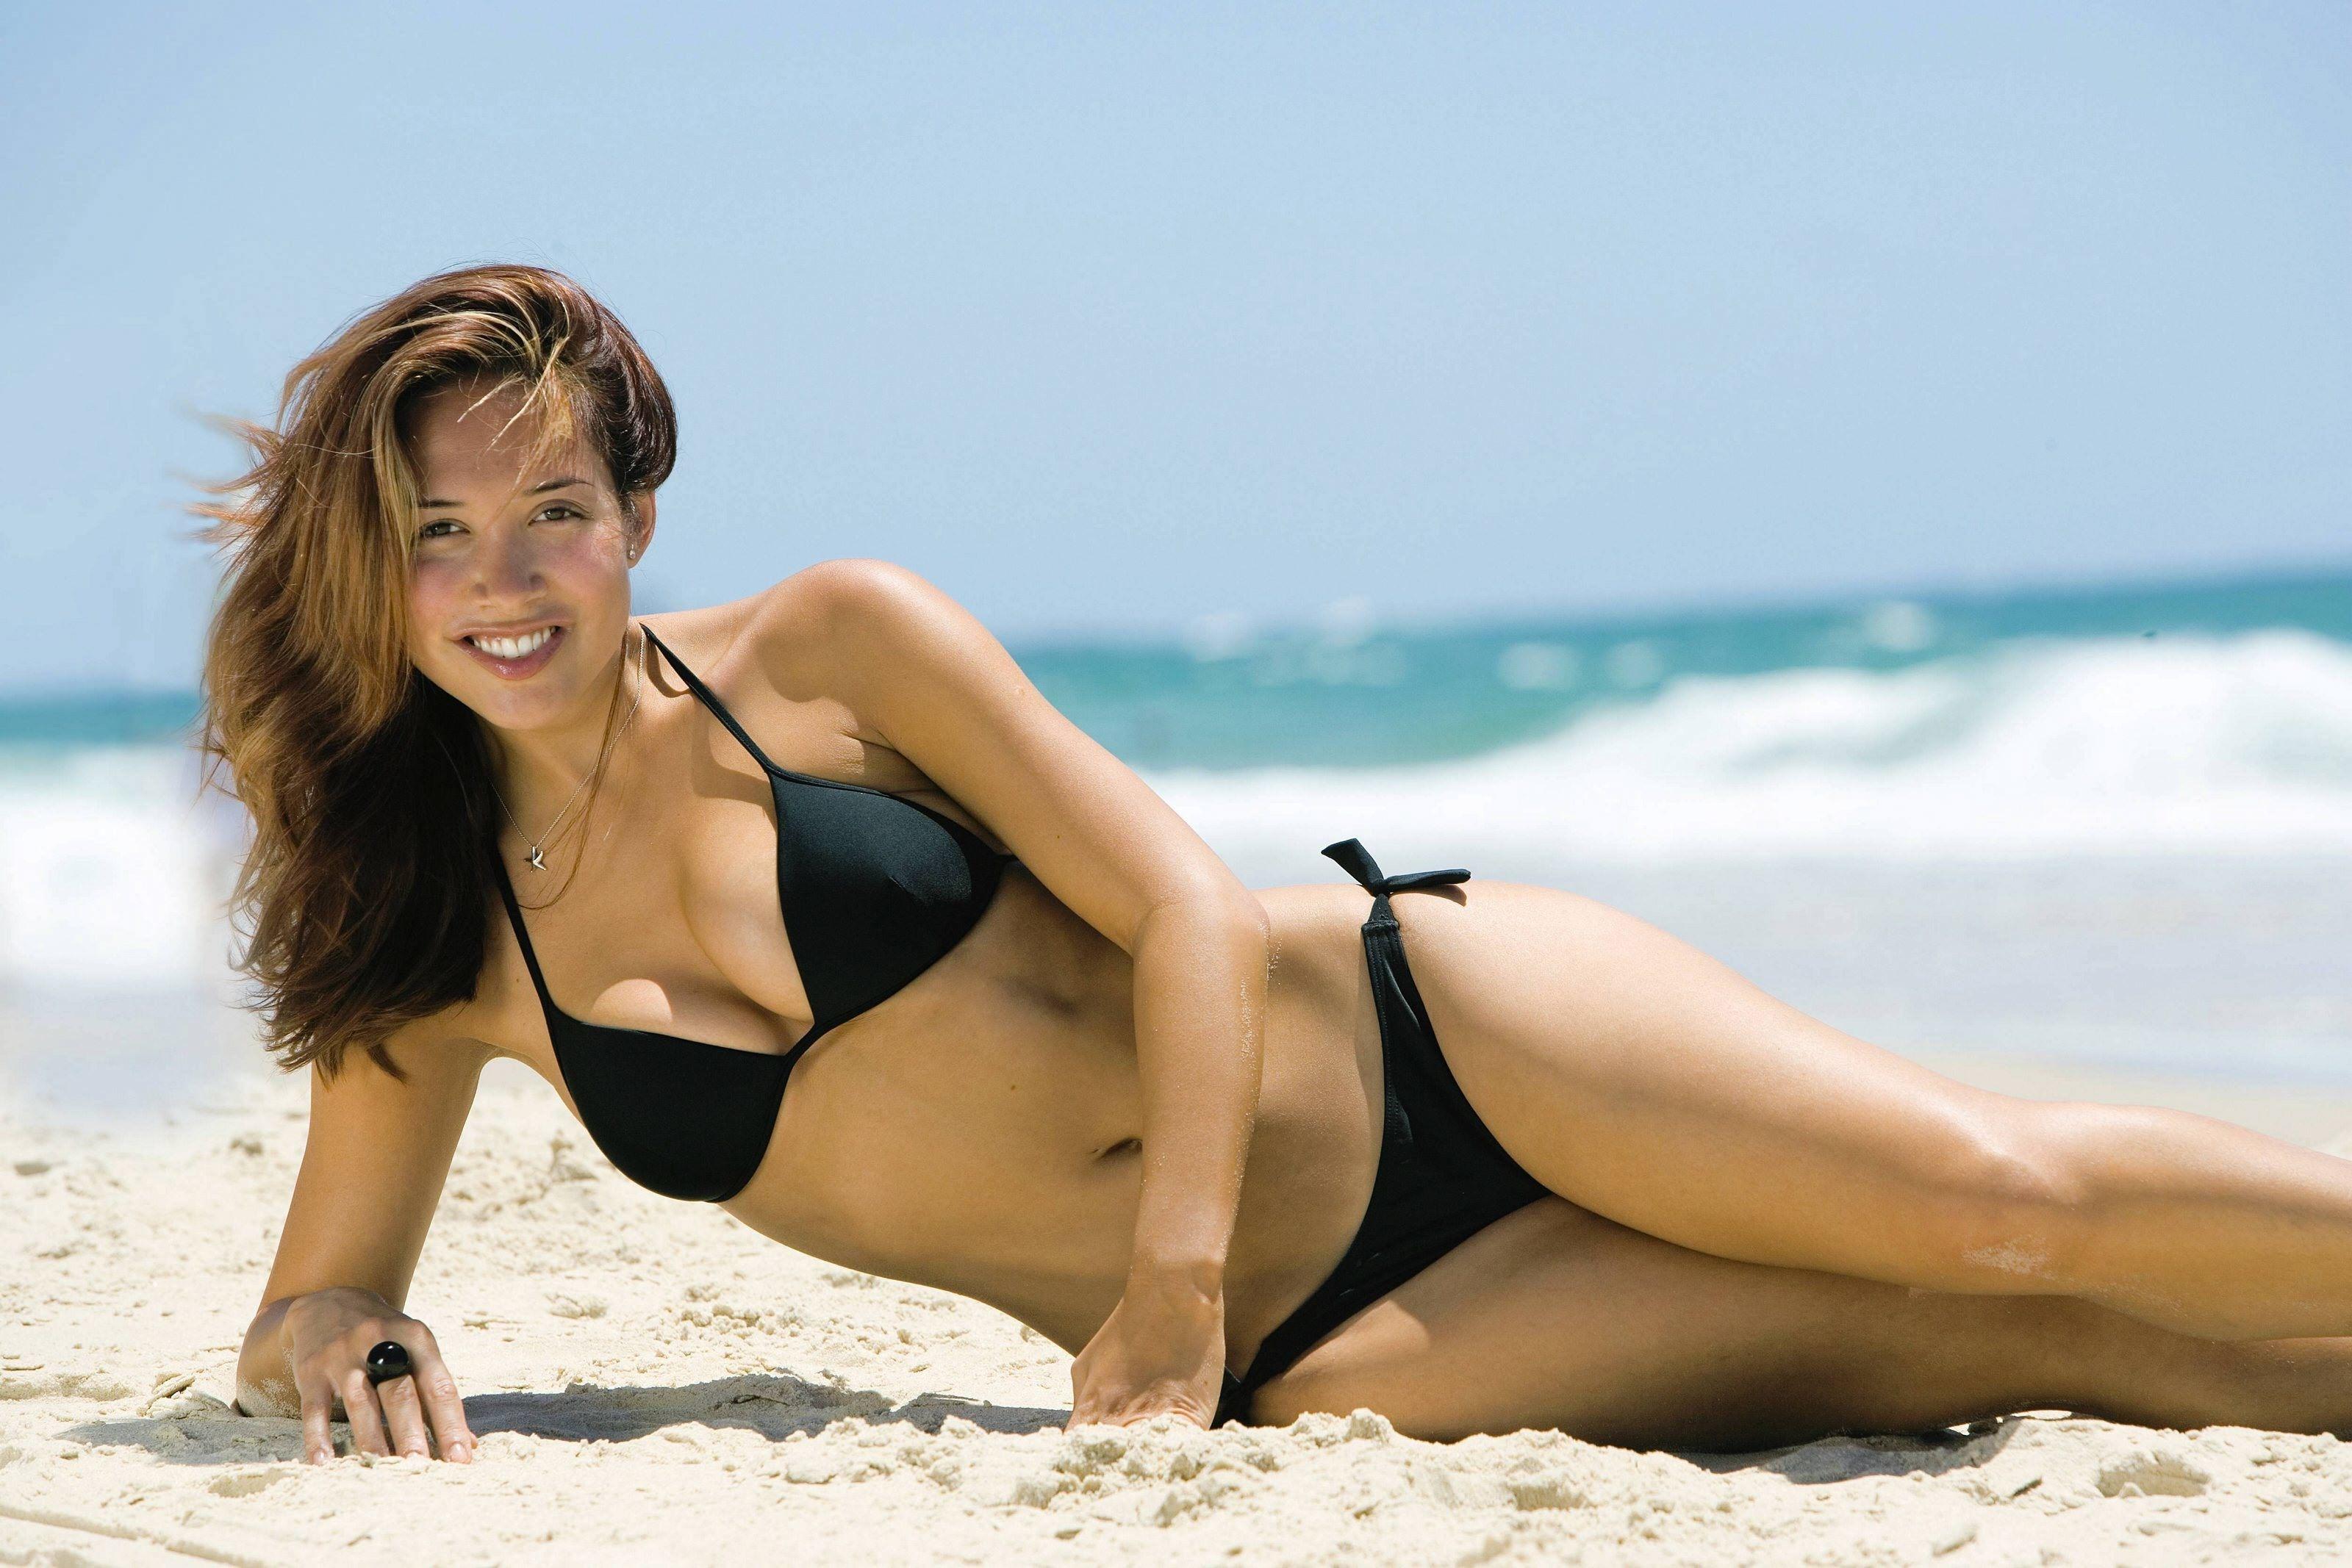 Фото Веселая девушка в черном бикини, горячий песок, море, улыбка, скачать картинку бесплатно